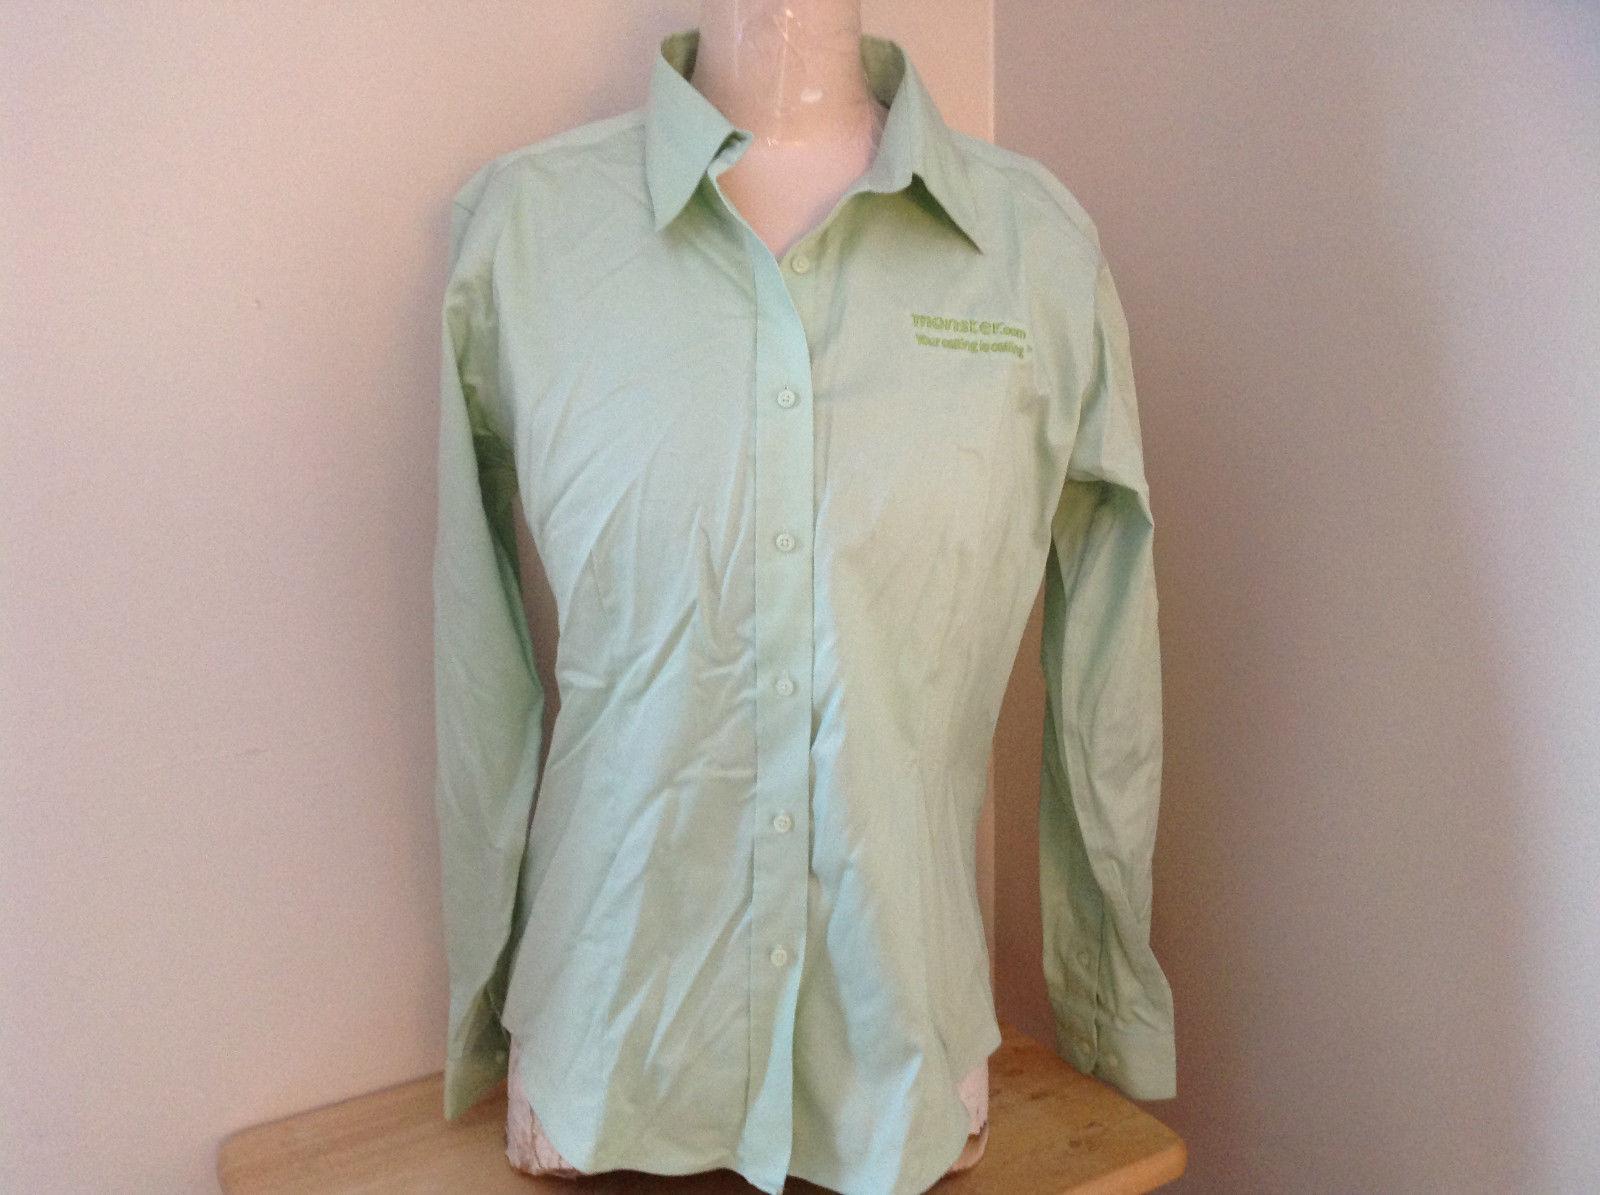 Pale Green Monster.com Button Up Long Sleeve Shirt Adjustable Cuffs Size Medium